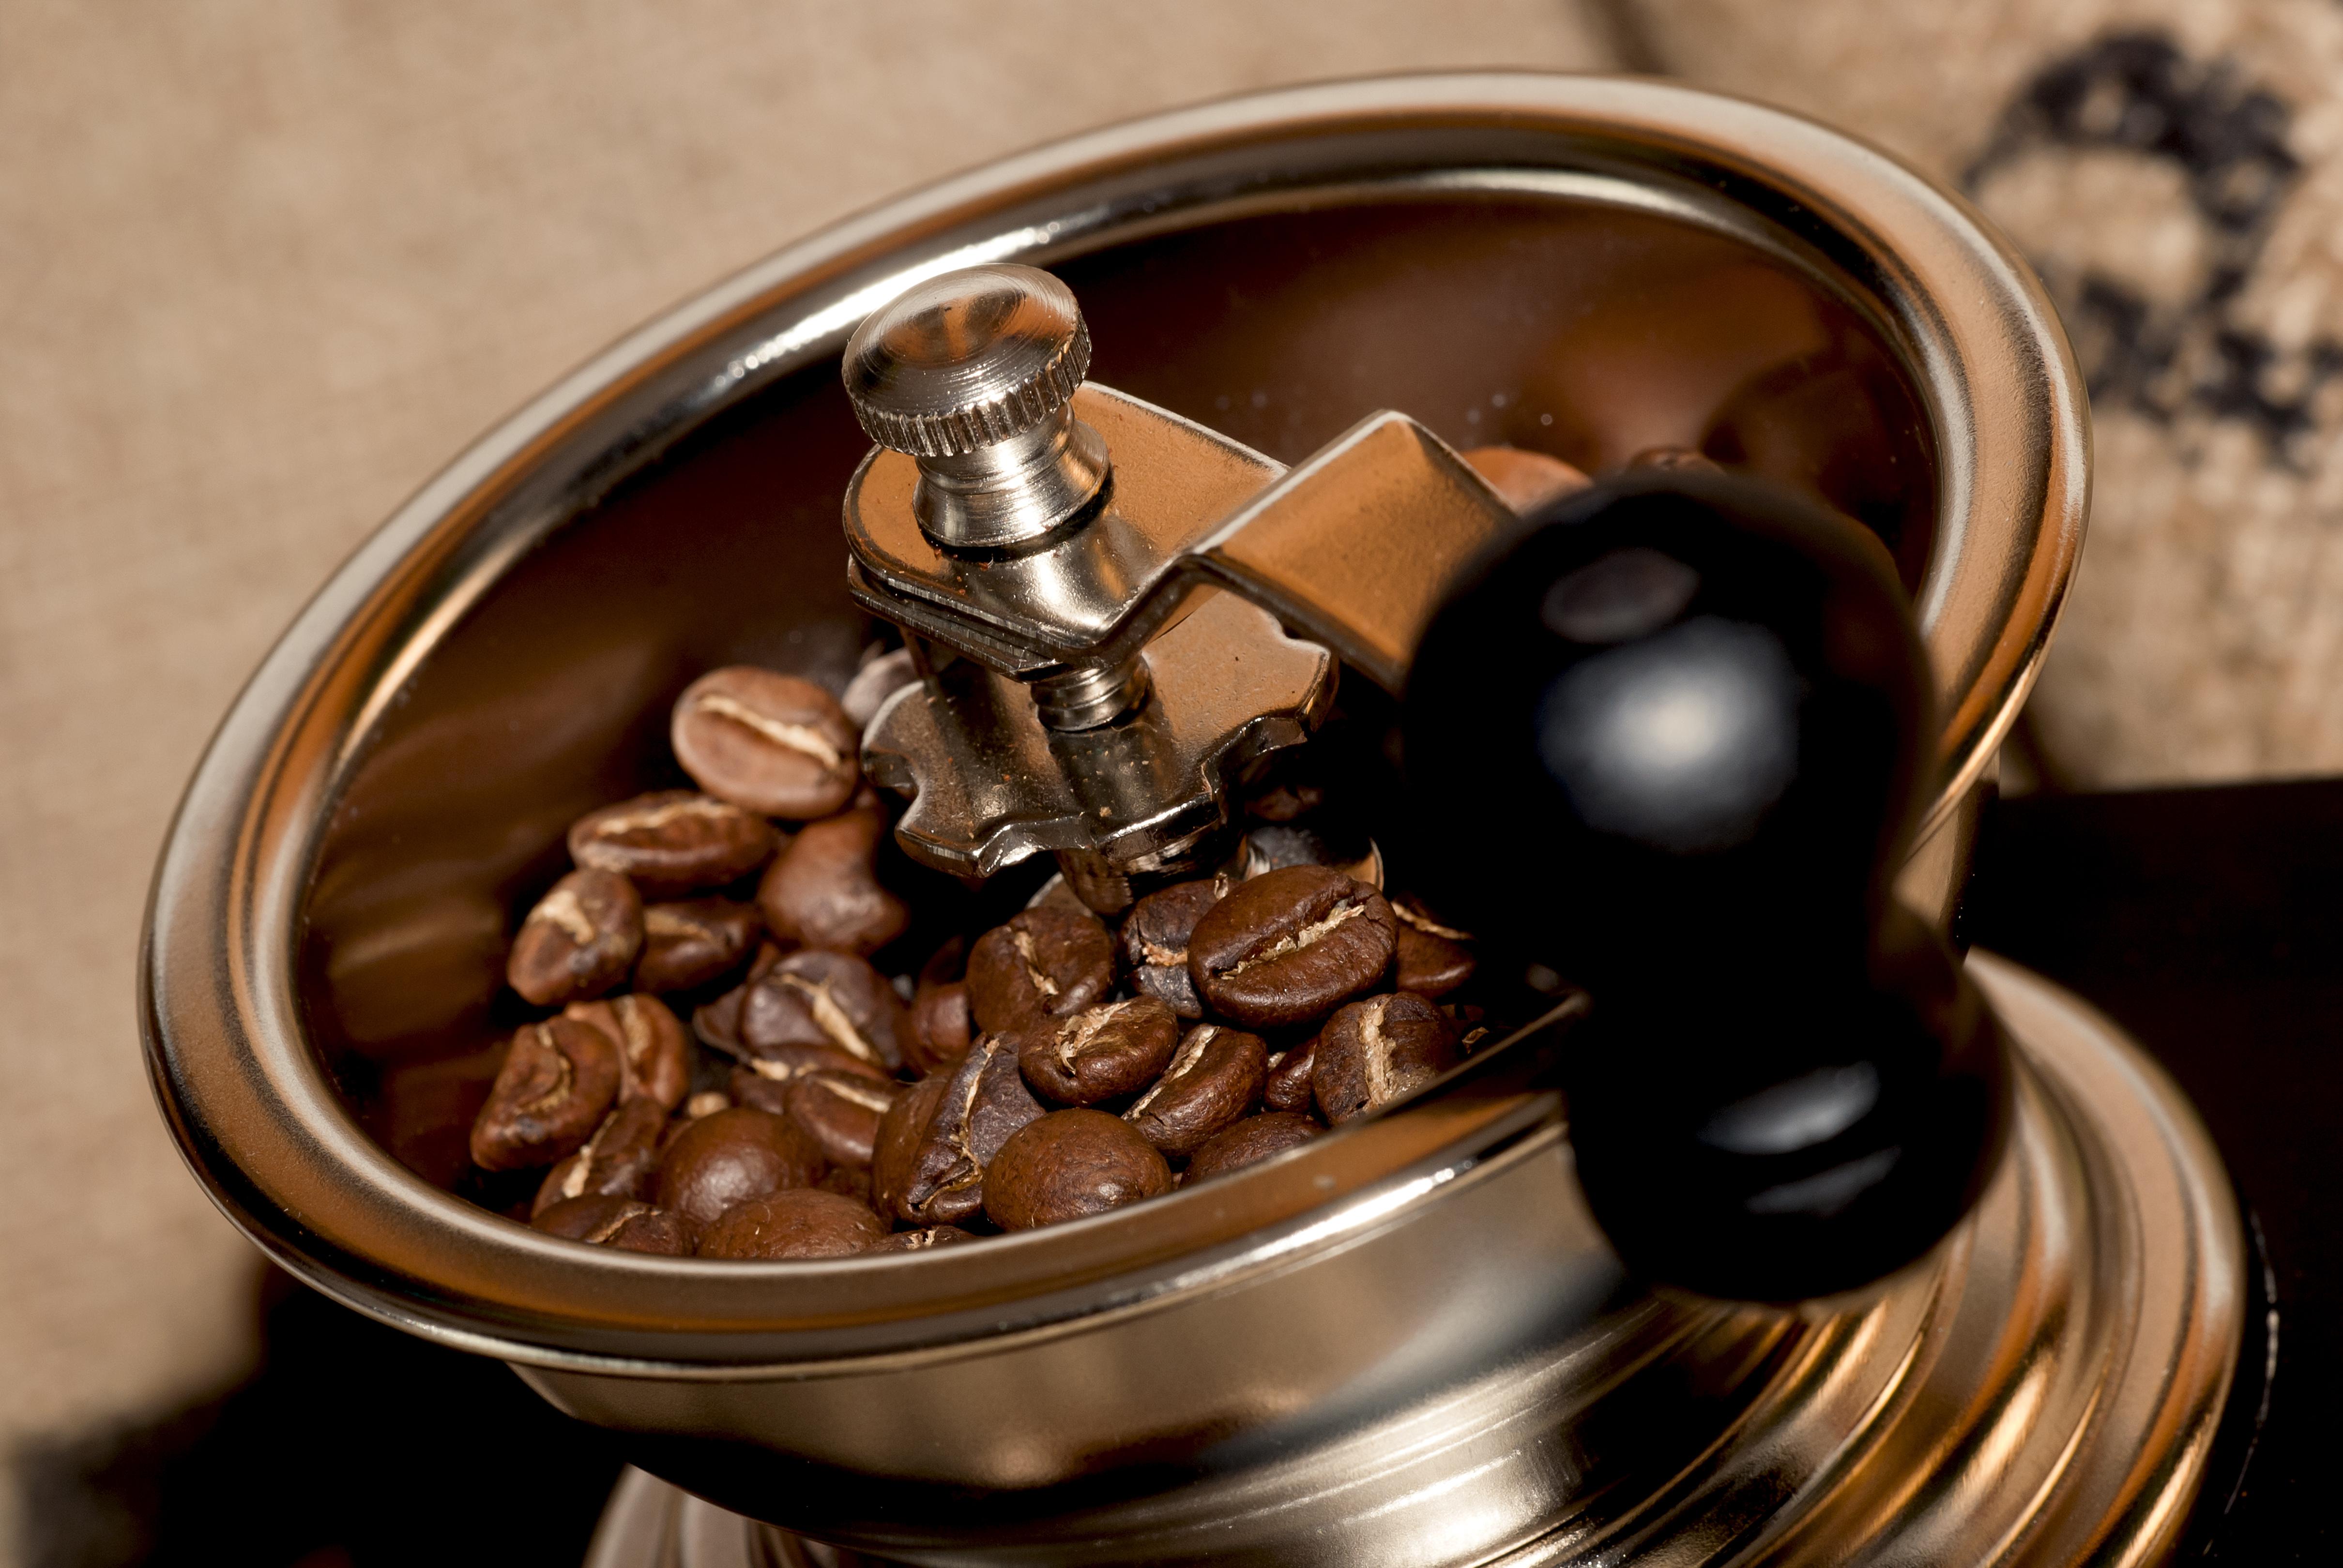 Mahlgrad: Kaffee grob oder fein mahlen?